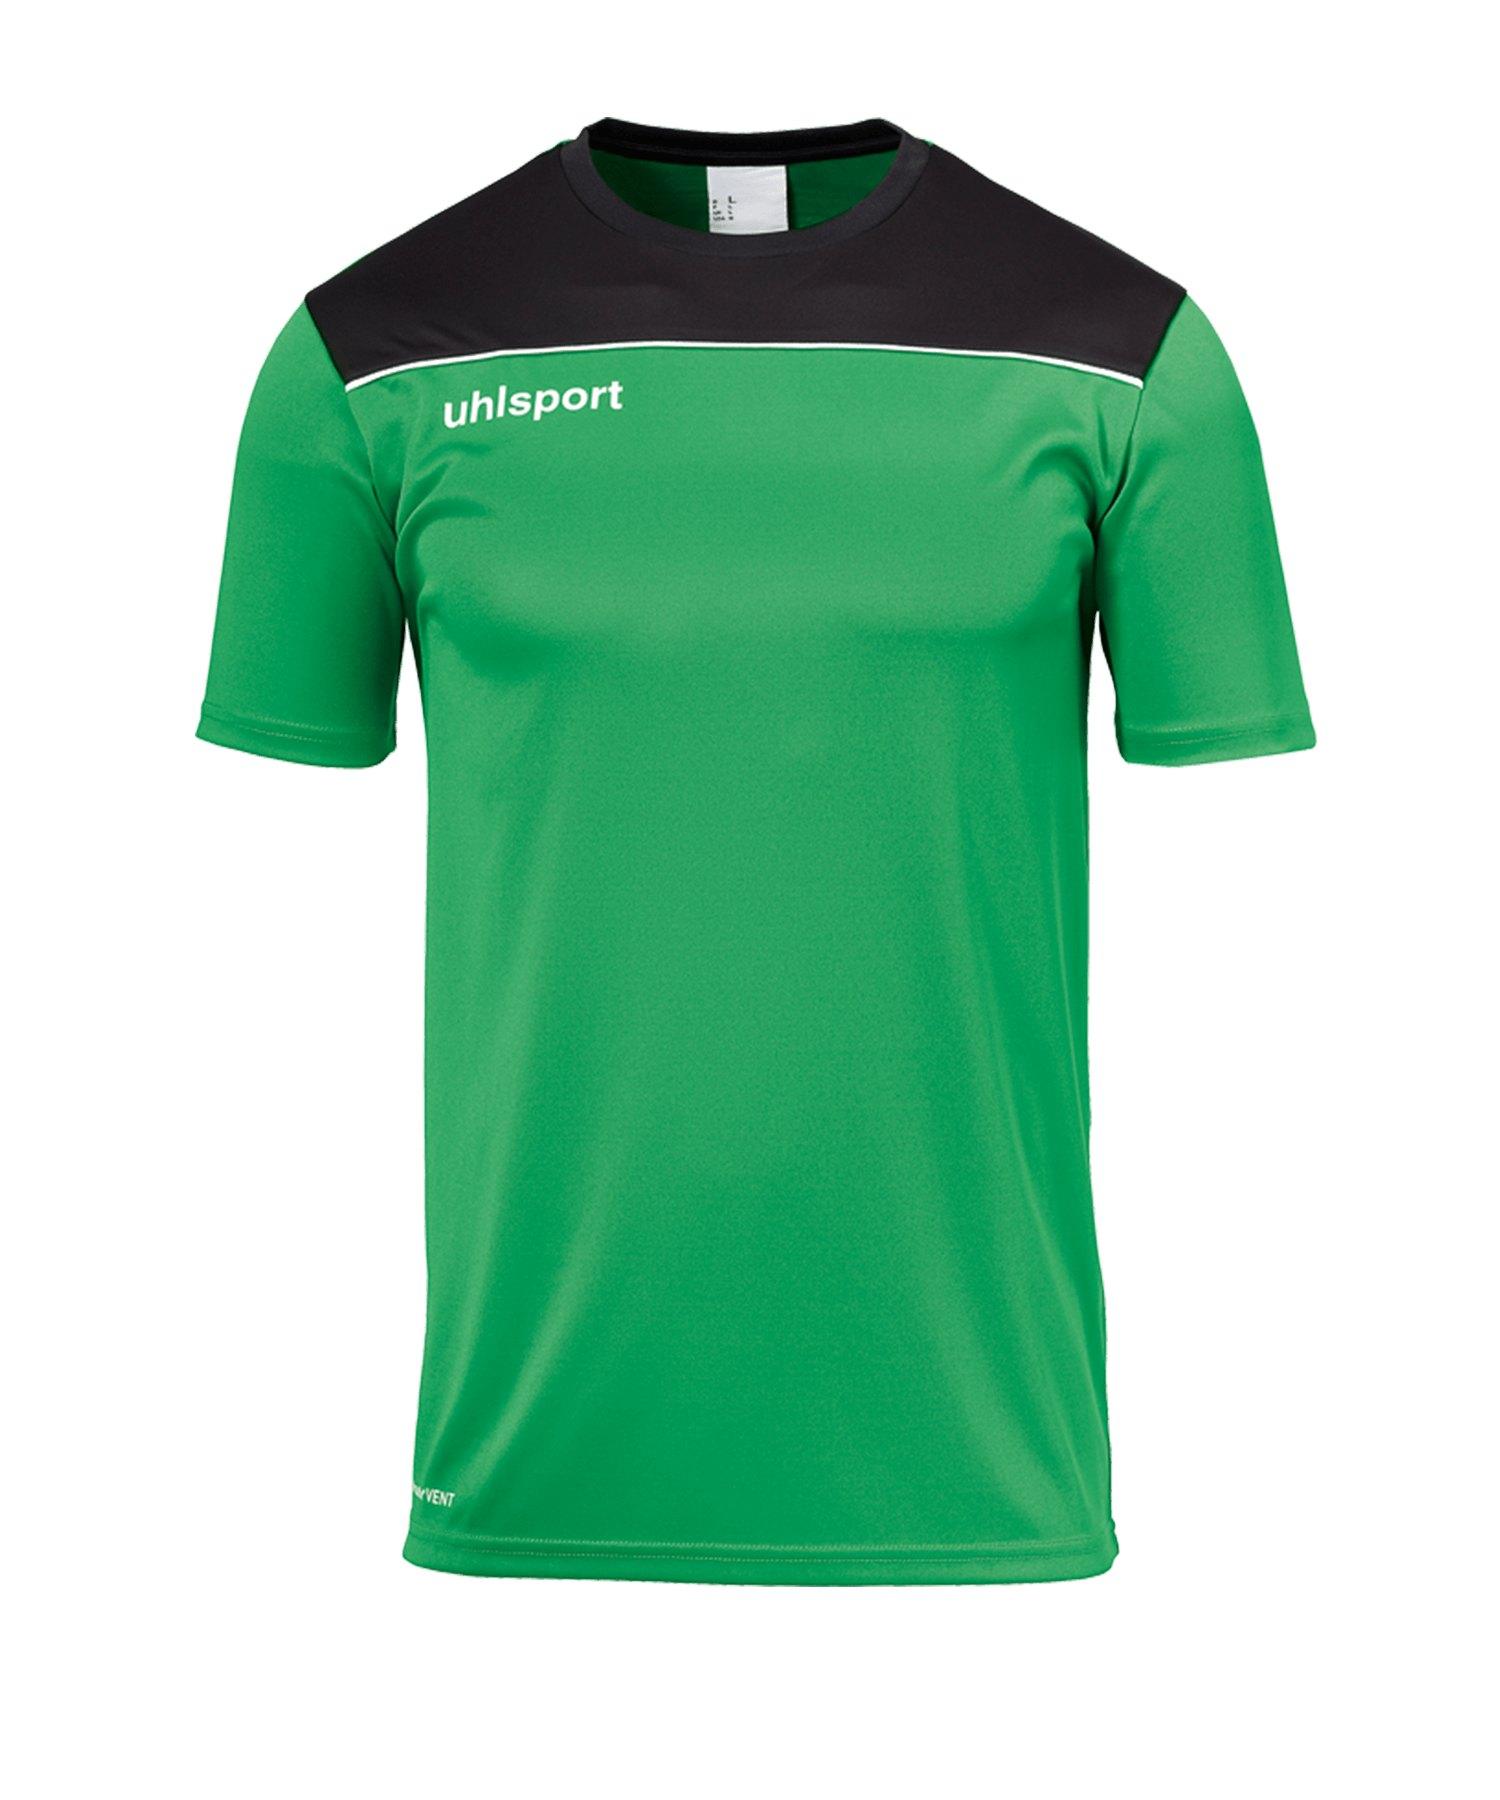 Uhlsport Offense 23 Trainingsshirt Grün F06 - gruen